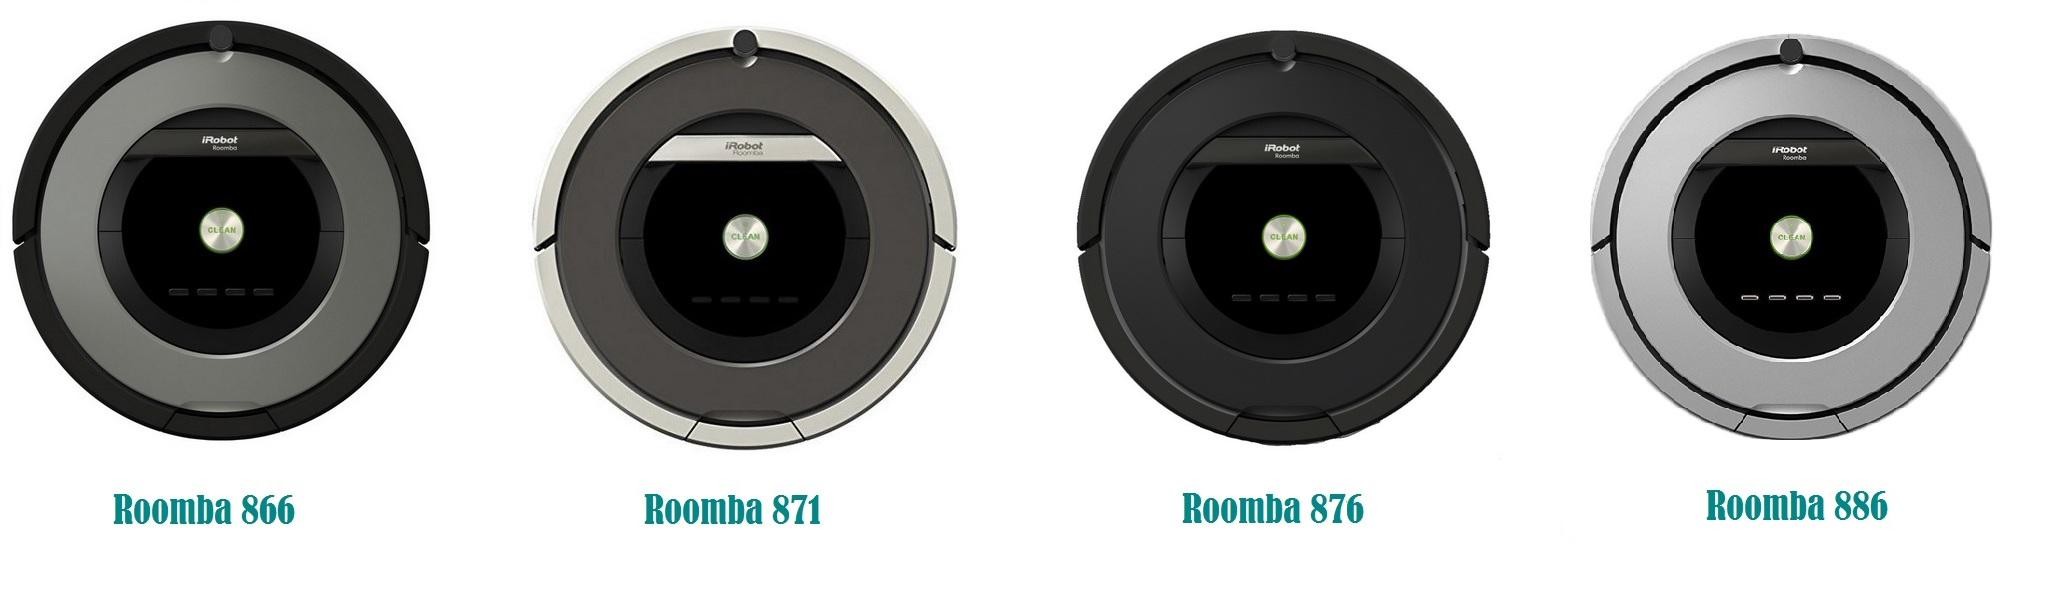 Comparativa entre Roomba 866, 871, 876 y 886